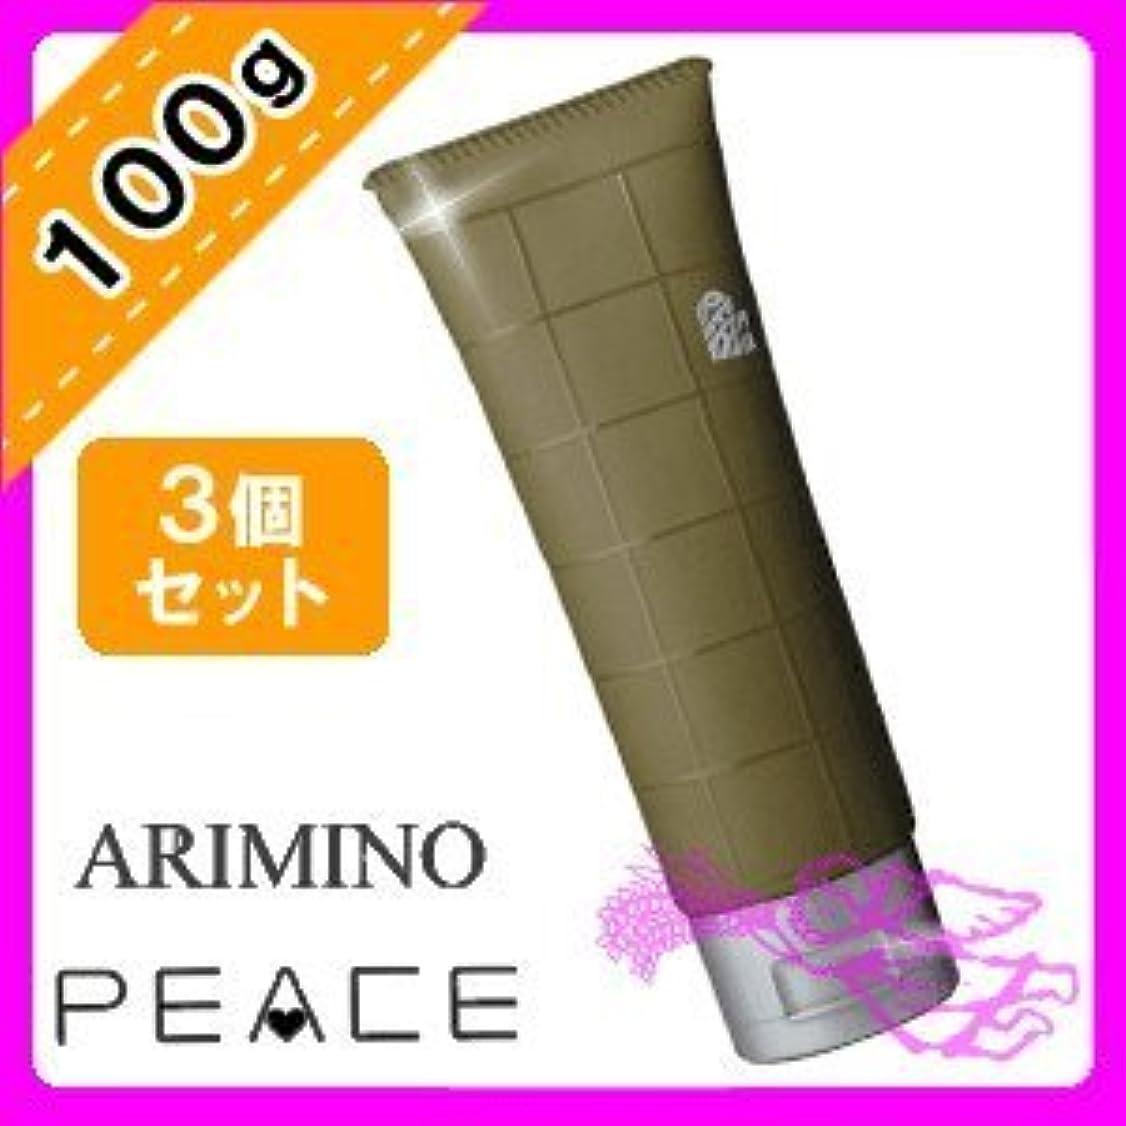 信仰なる薬局アリミノ ピース ウェットオイル ワックス 100g ×3個セット arimino PEACE